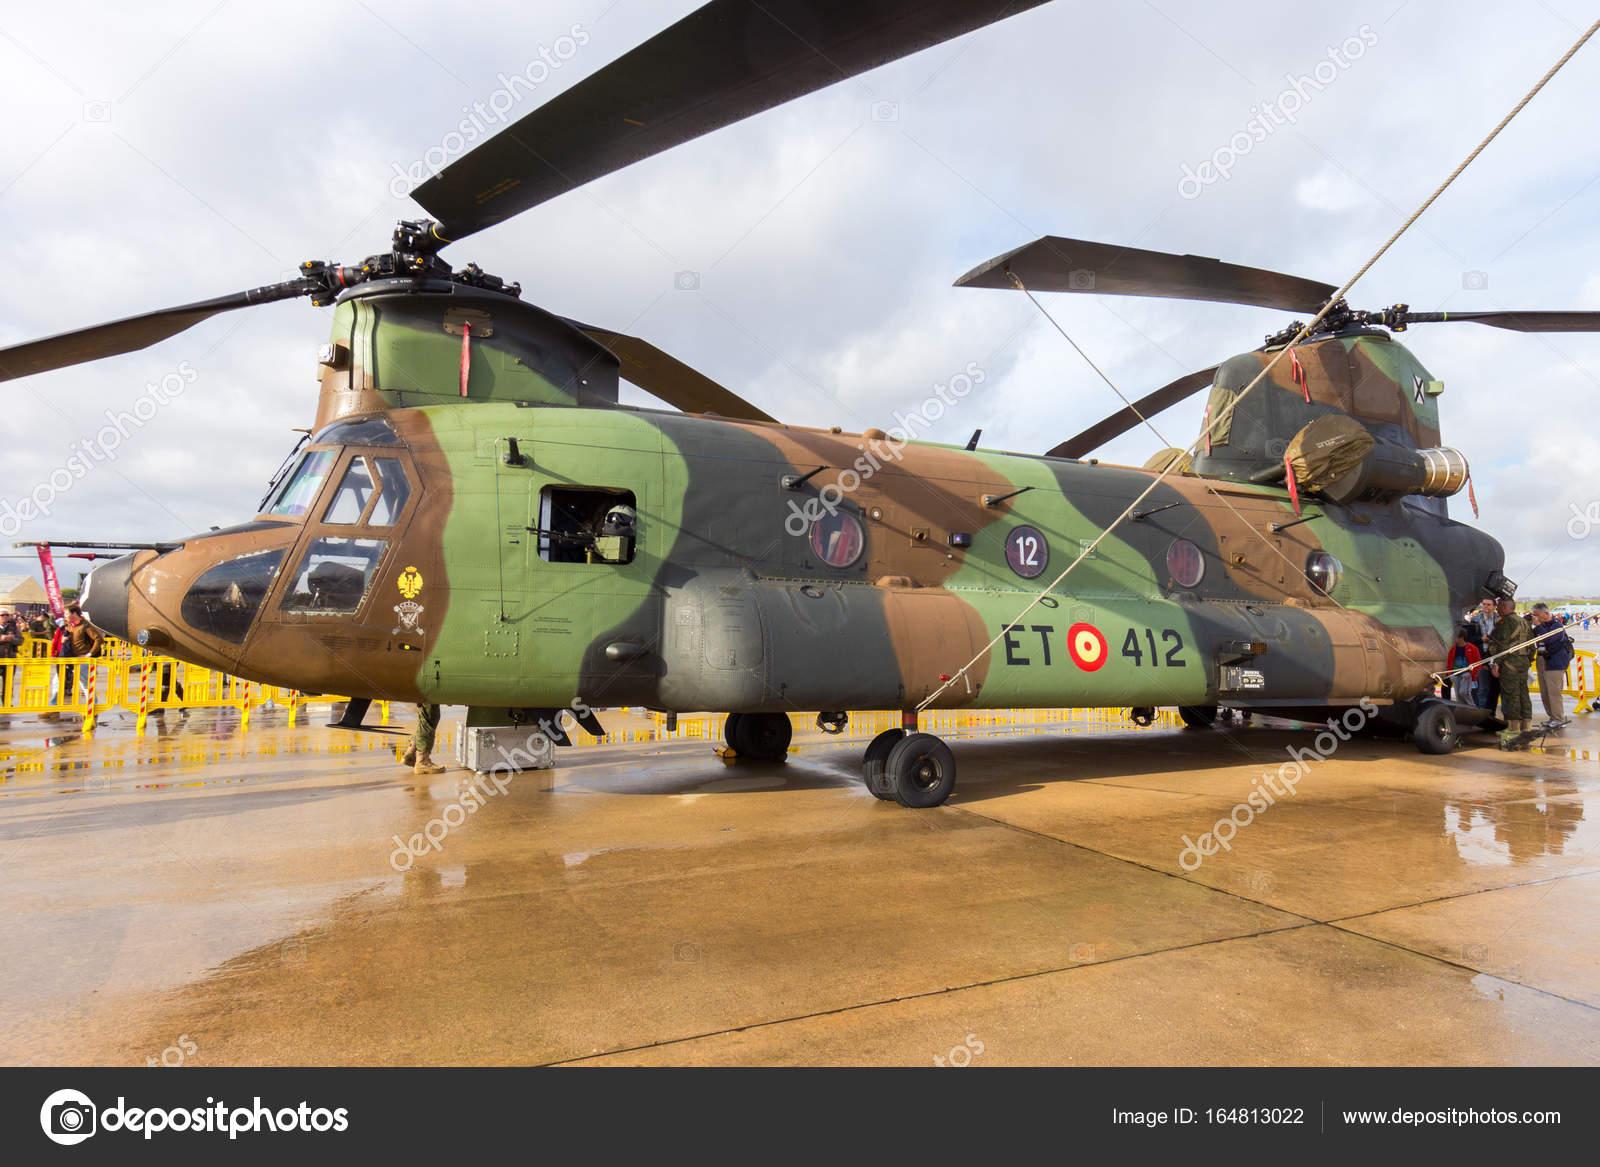 Elicottero Ch : Elicottero da trasporto spagnolo esercito boeing ch chinook